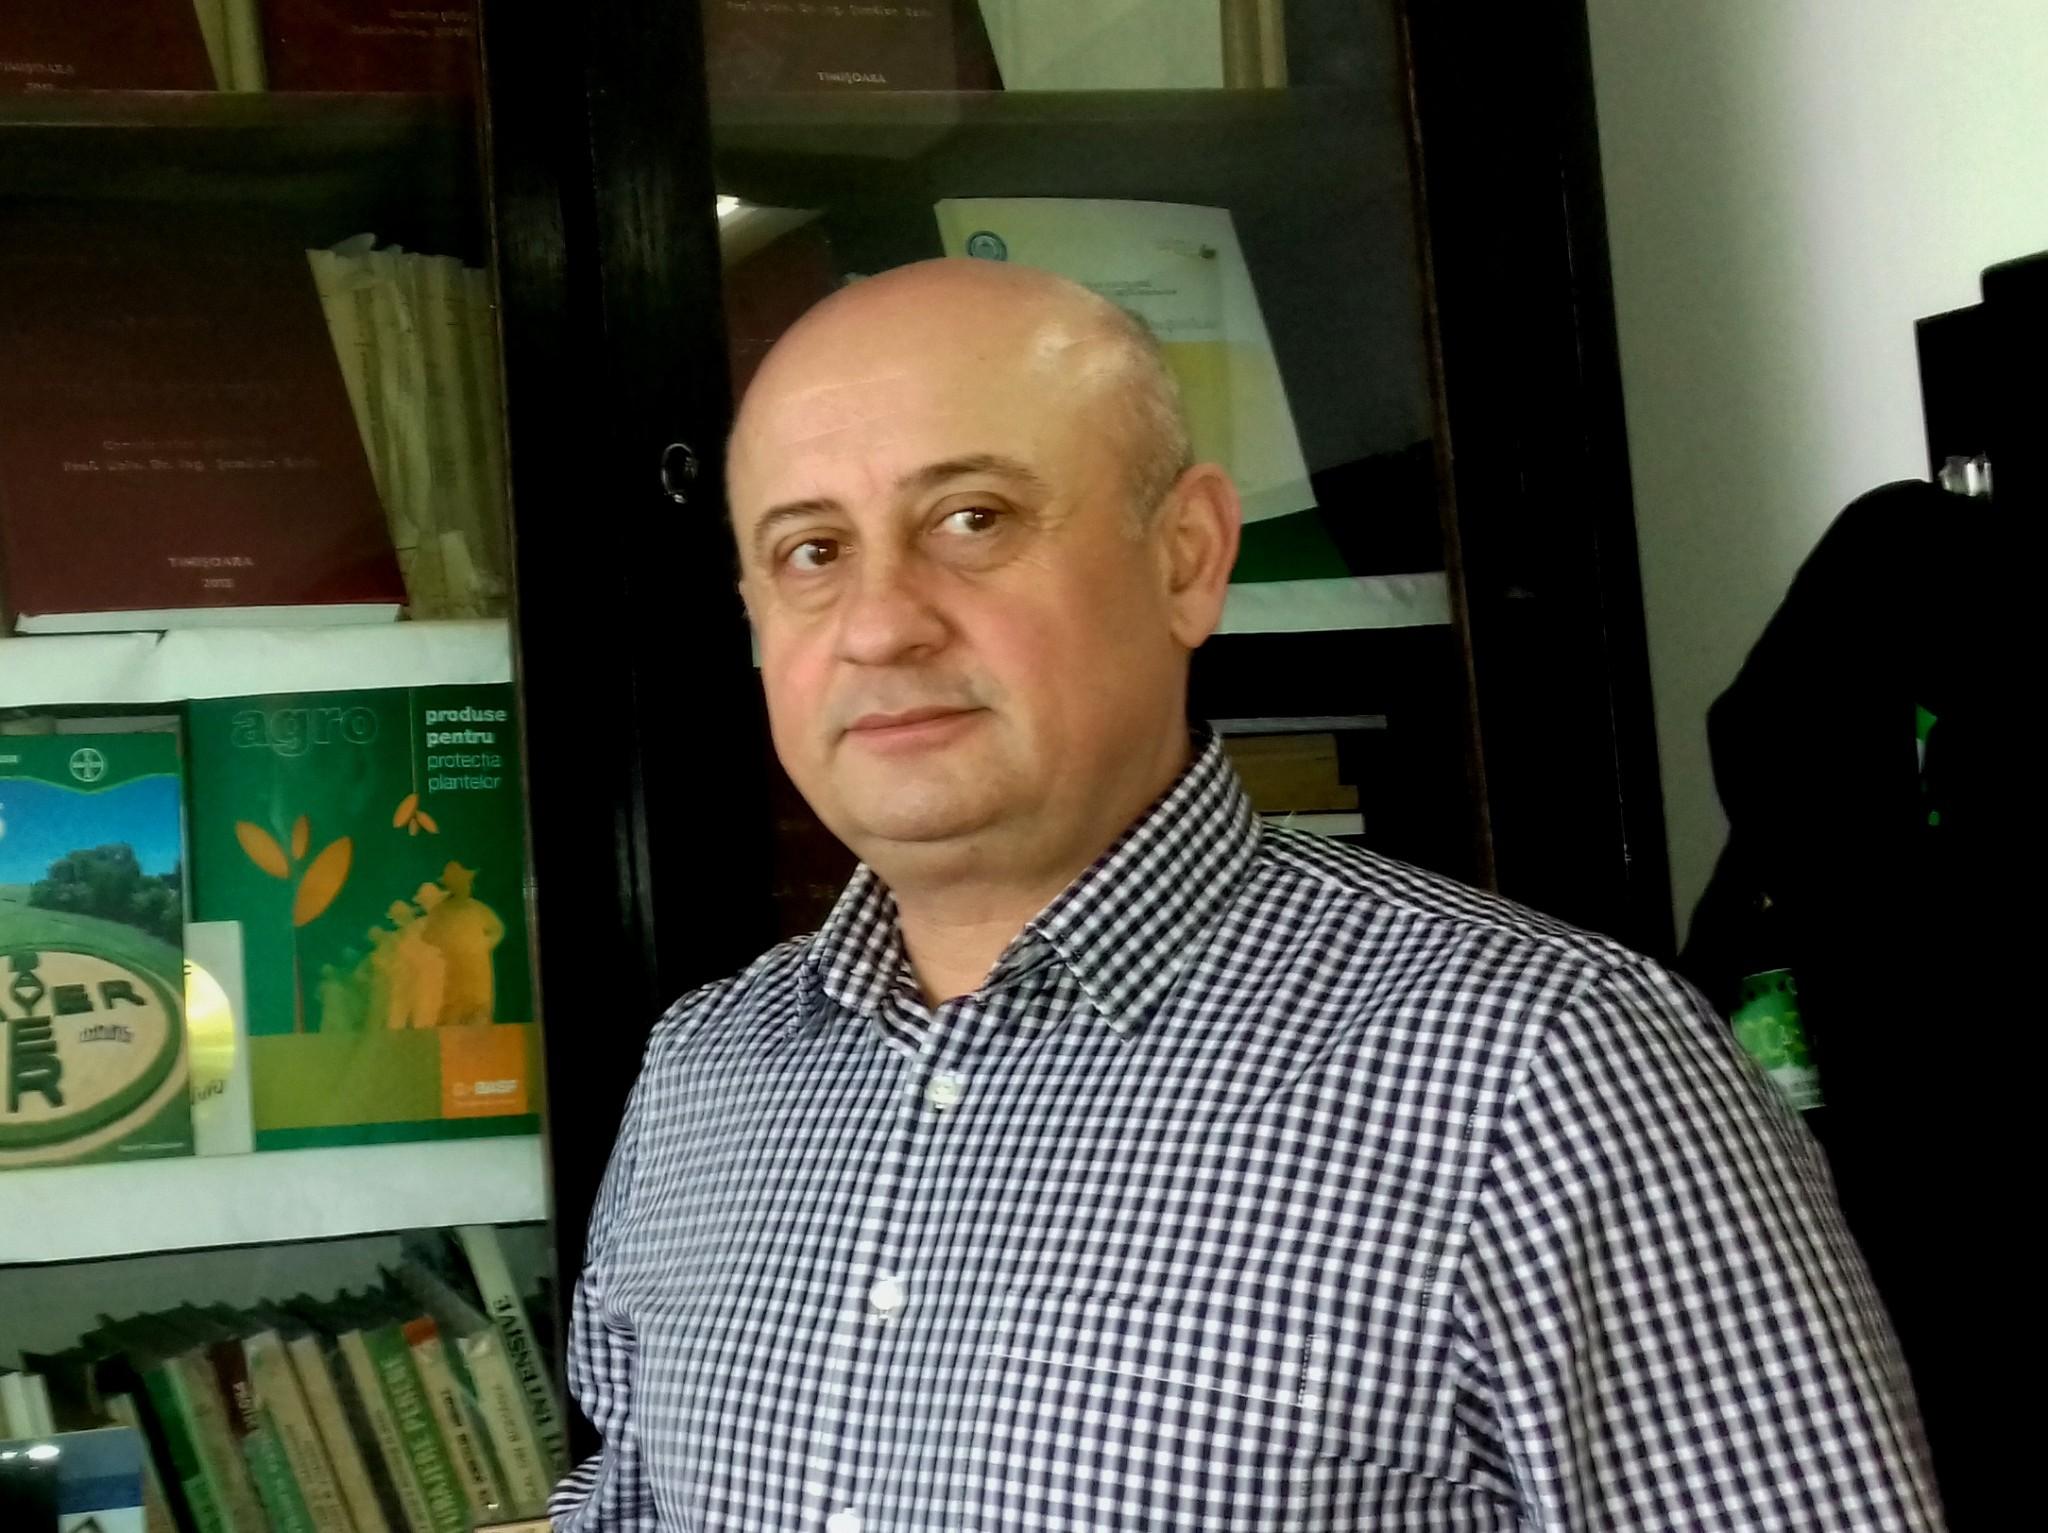 SOS pamantul -prof. univ. dr. Radu Sumalan